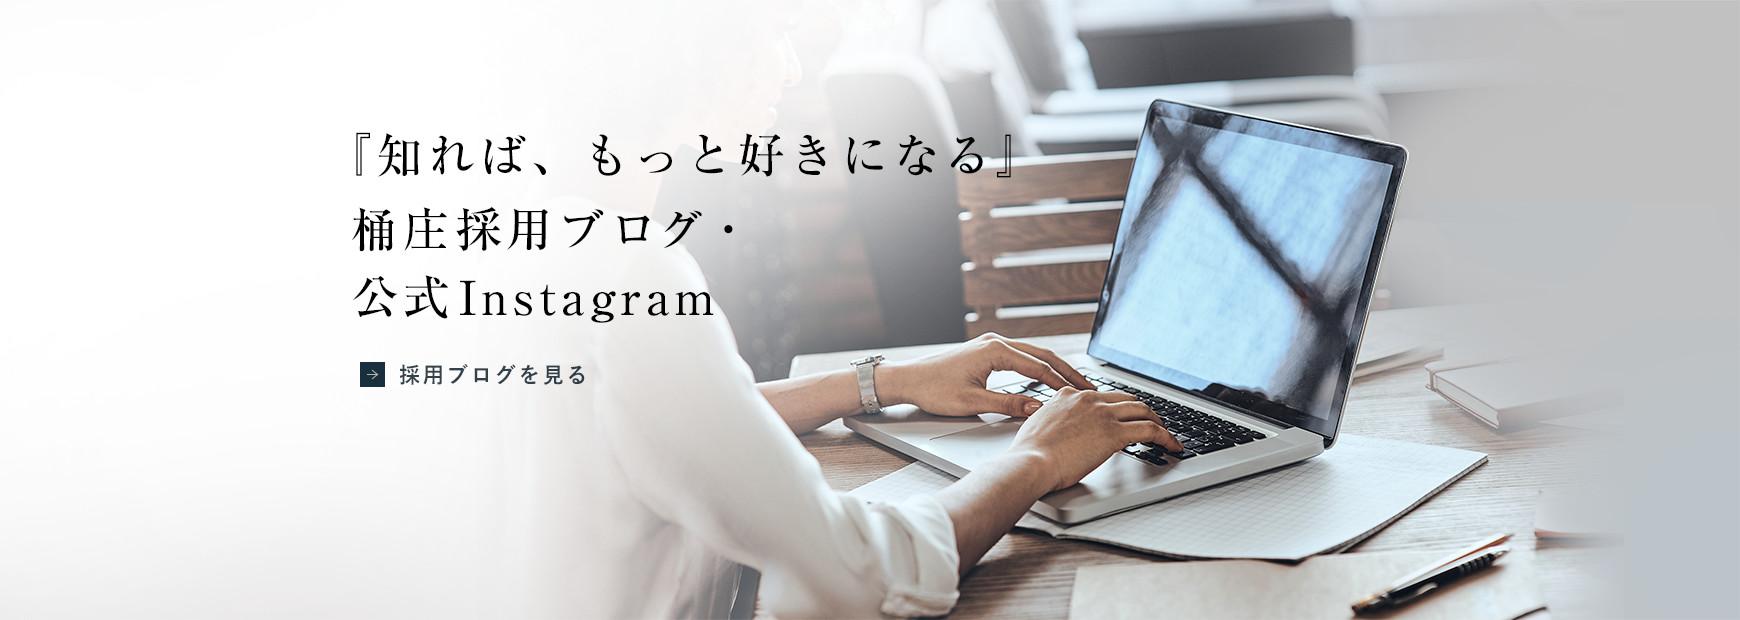 「知れば、もっと好きになる」桶庄採用ブログ・公式Instagram - 採用ブログを見る